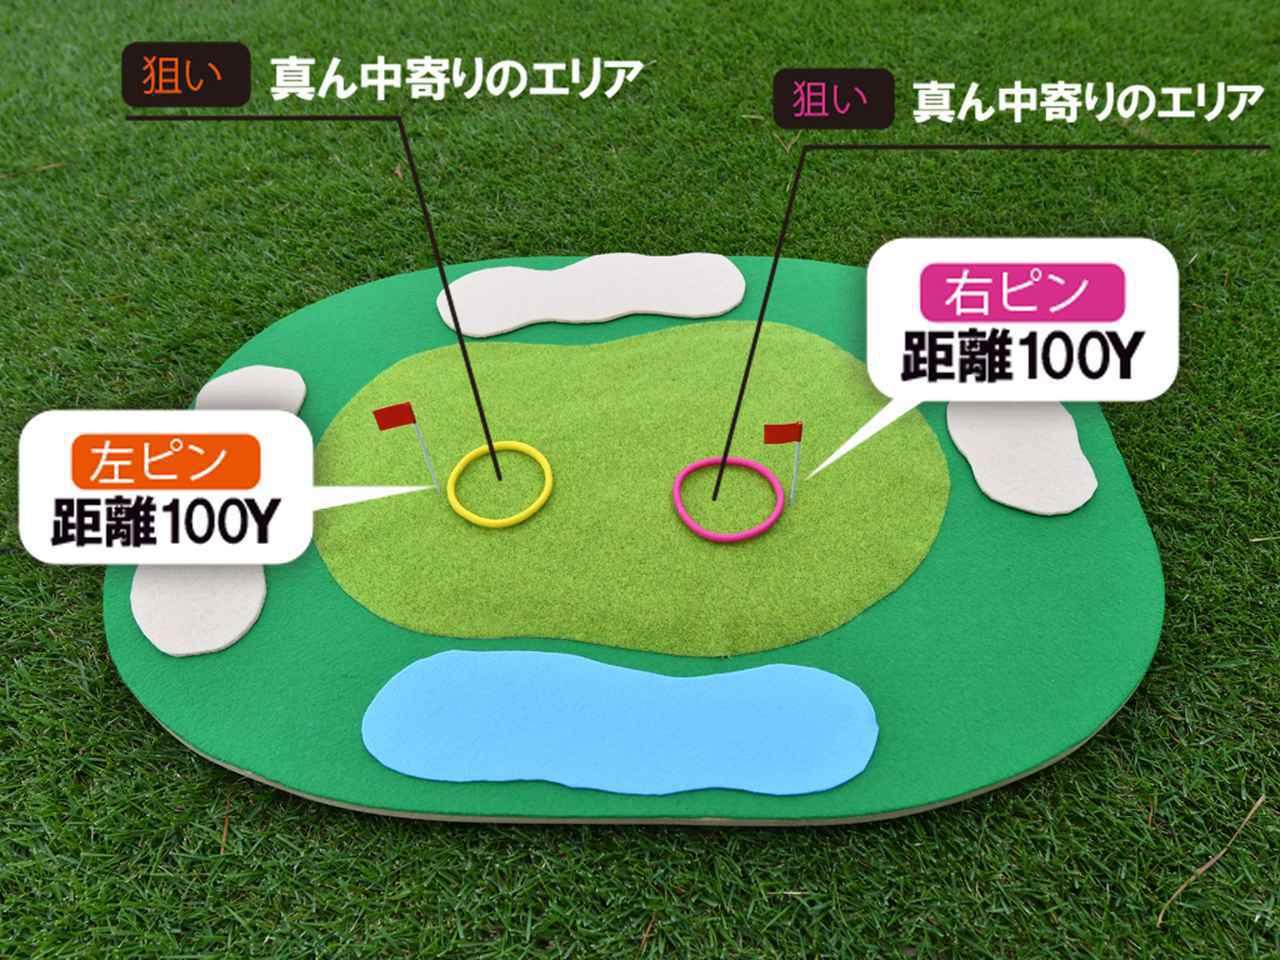 画像1: 【ショートゲーム】AWでは足りないPWではデカすぎる。ビトウィーンの距離どう打つの?